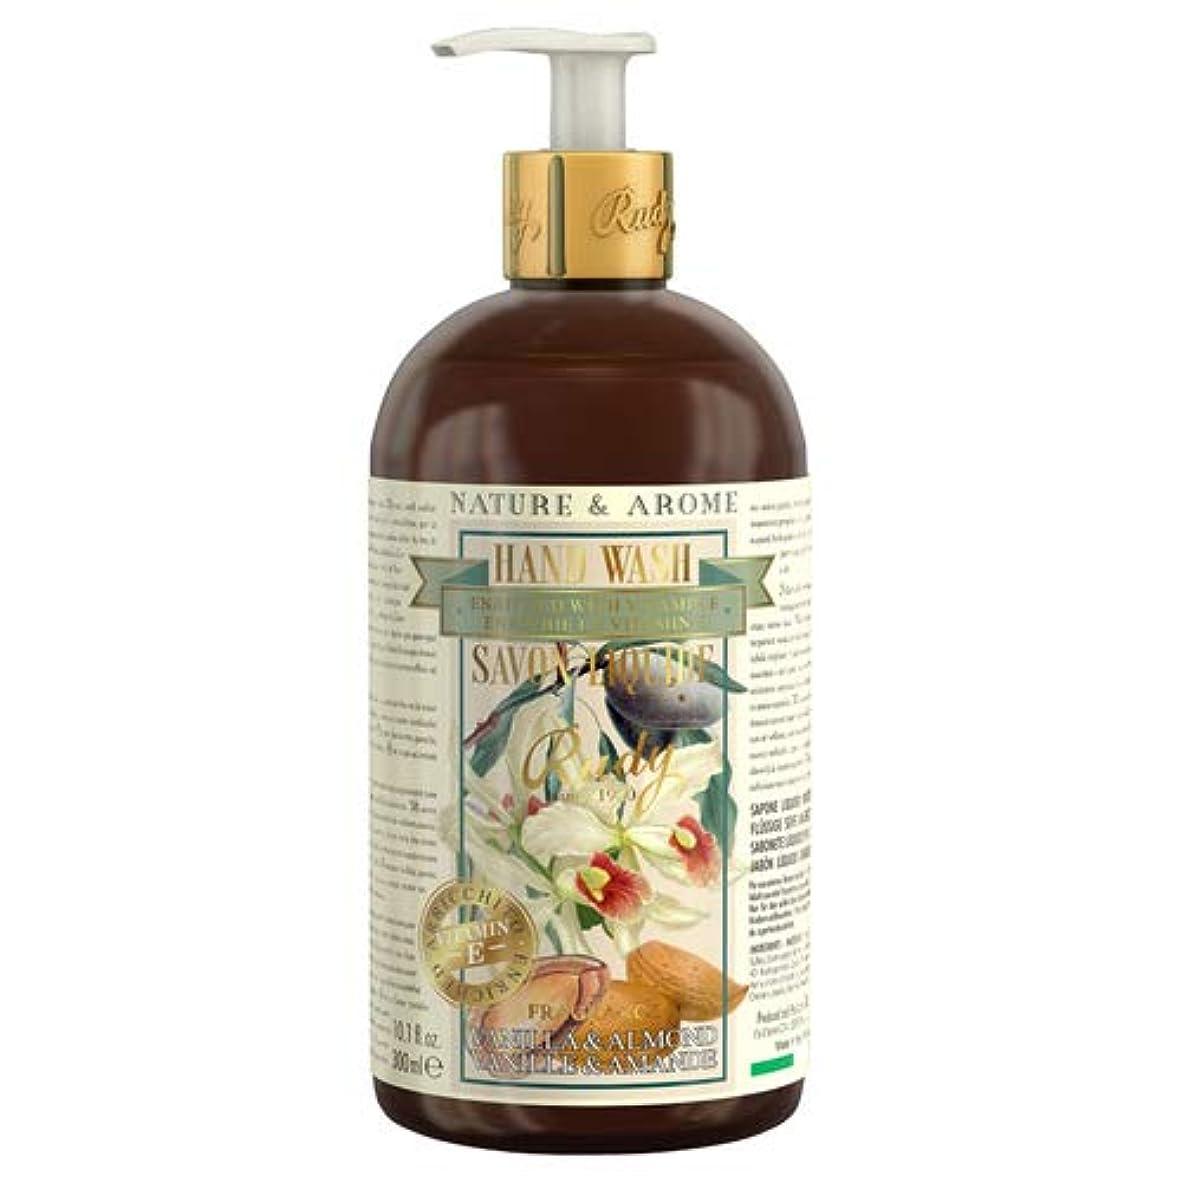 床を掃除する発見性能RUDY Nature&Arome Apothecary ネイチャーアロマ アポセカリー Hand Wash ハンドウォッシュ(ボディソープ) Vanilla & Almond バニラ&アーモンド